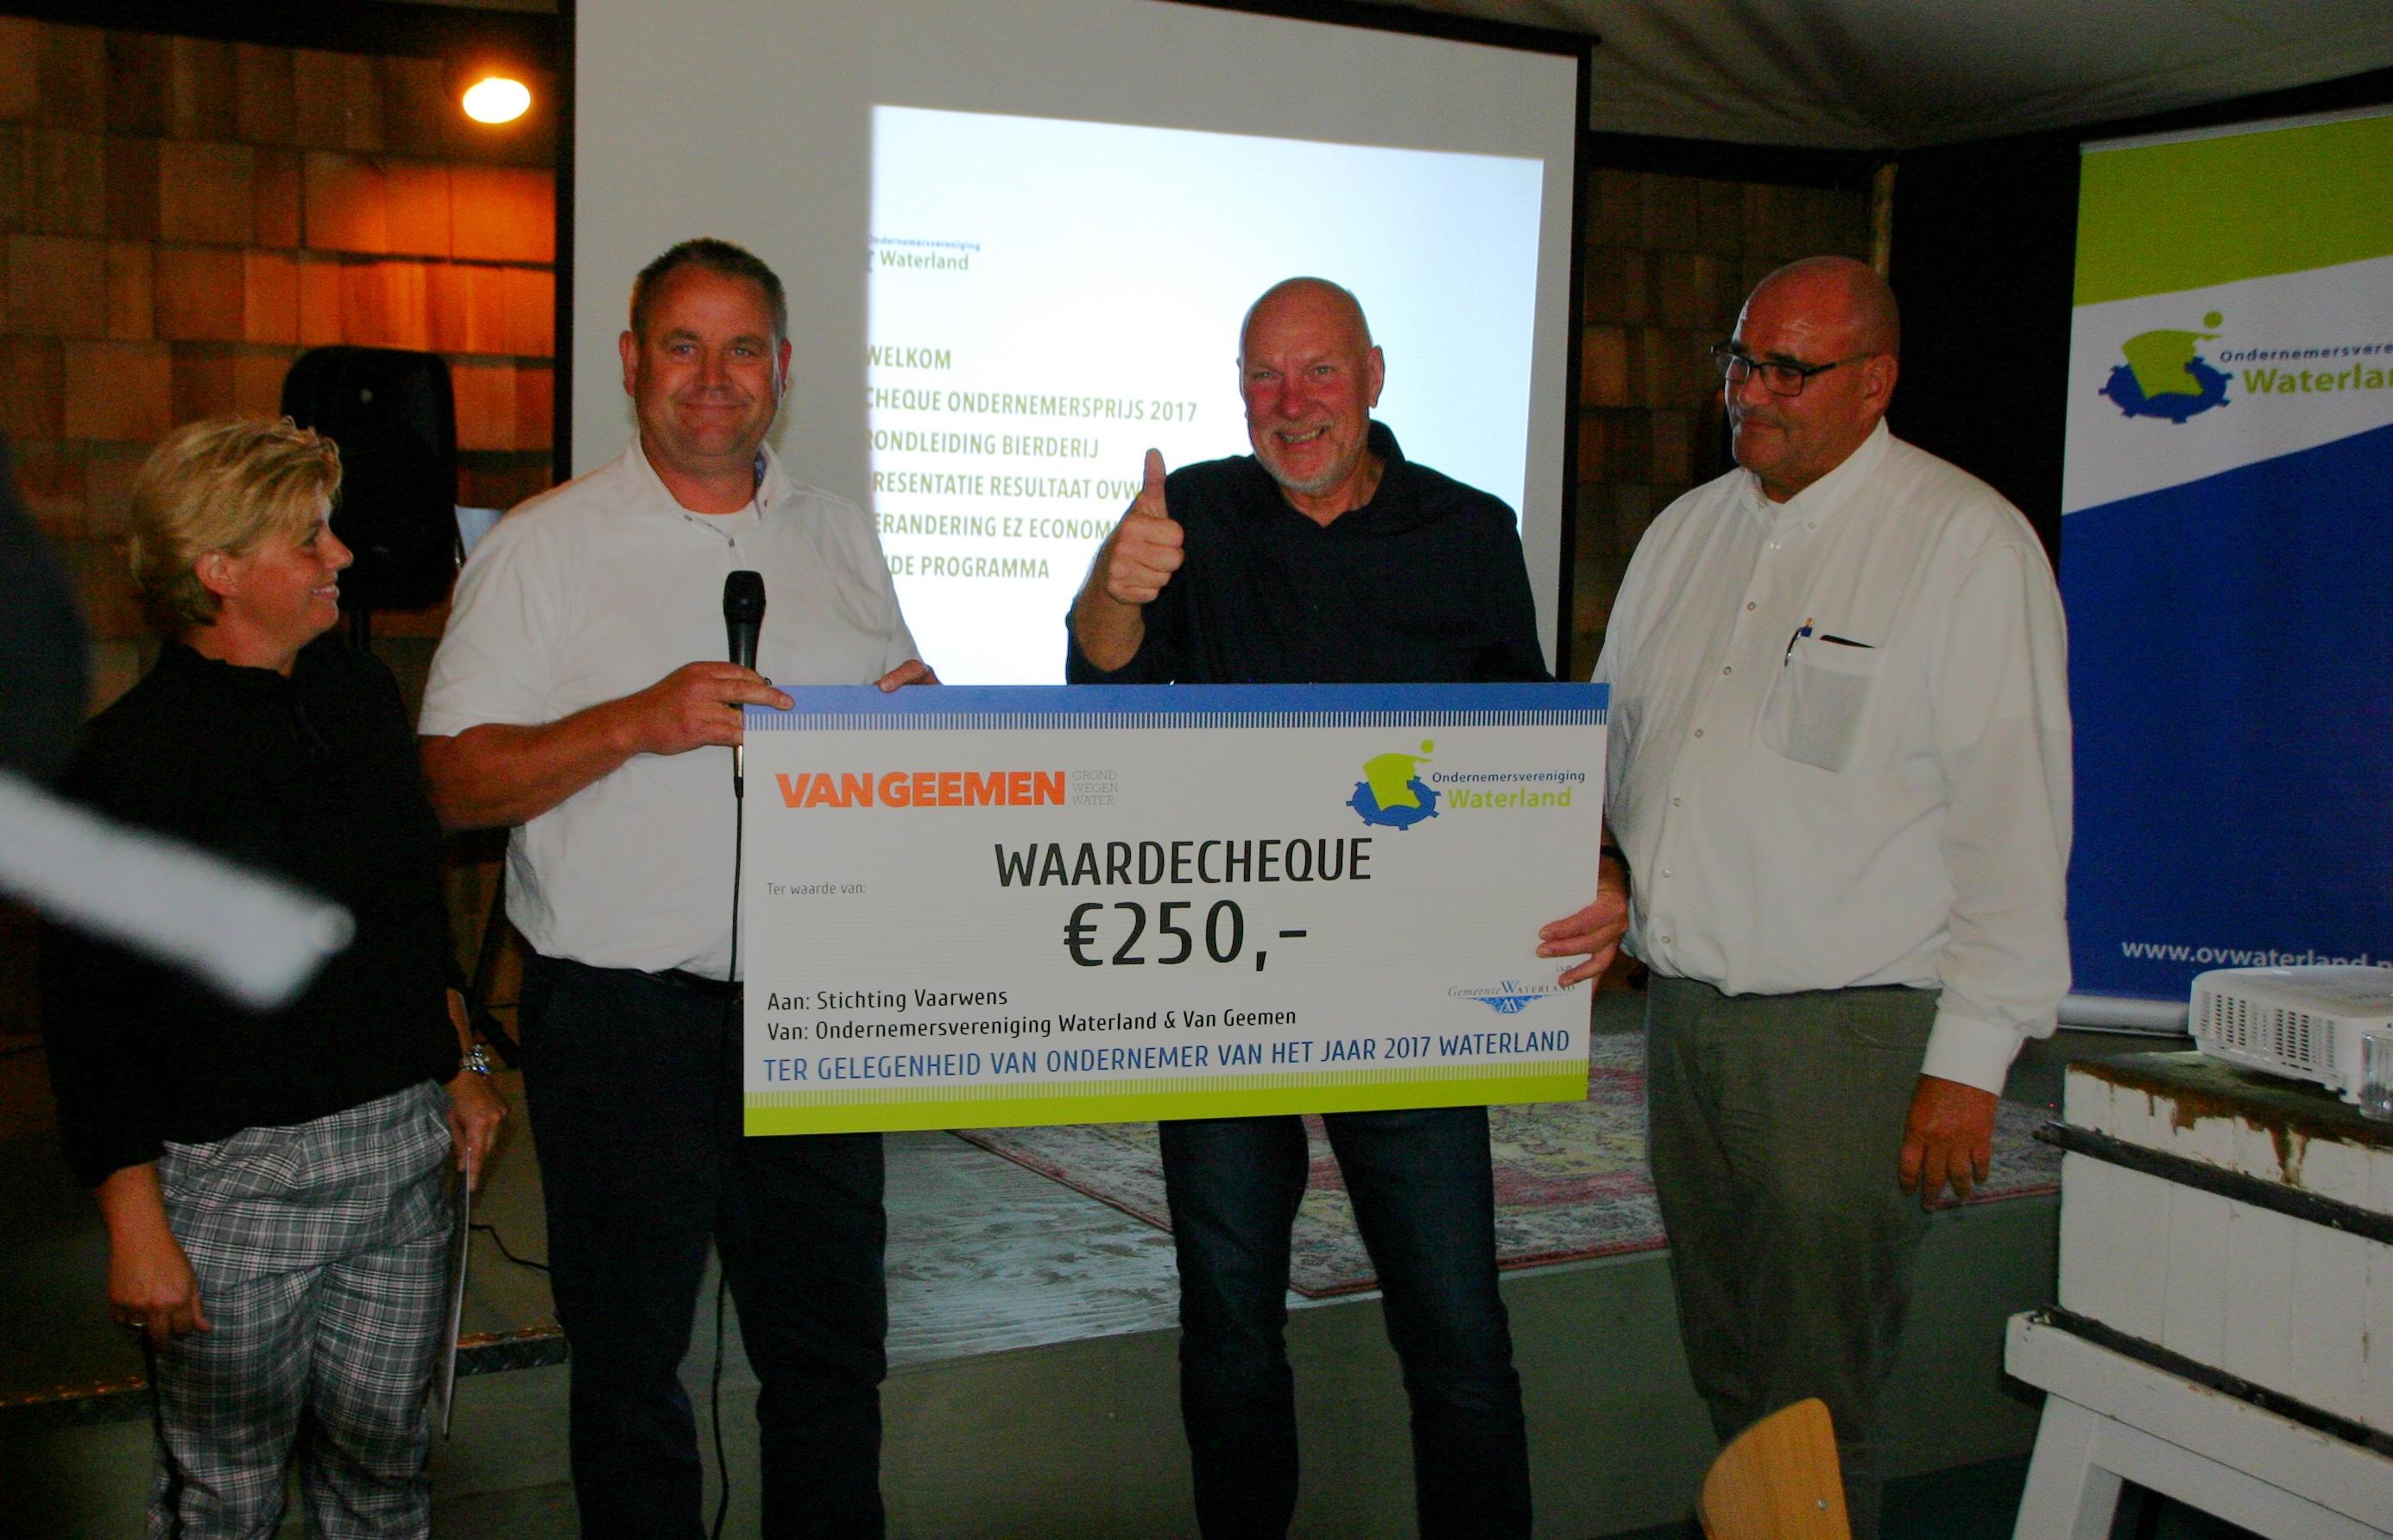 Tijdens een bedrijfsbezoek van Ondernemersvereniging Waterland (OVW) ontving Stichting Vaarwens een cheque ter waarde van €250. Deze cheque werd uitgereikt door Van Geemen, het bedrijf dat de titel 'Waterlandse Ondernemer van het Jaar 2017' in de wacht sleepte aan het begin van dit jaar. (Foto